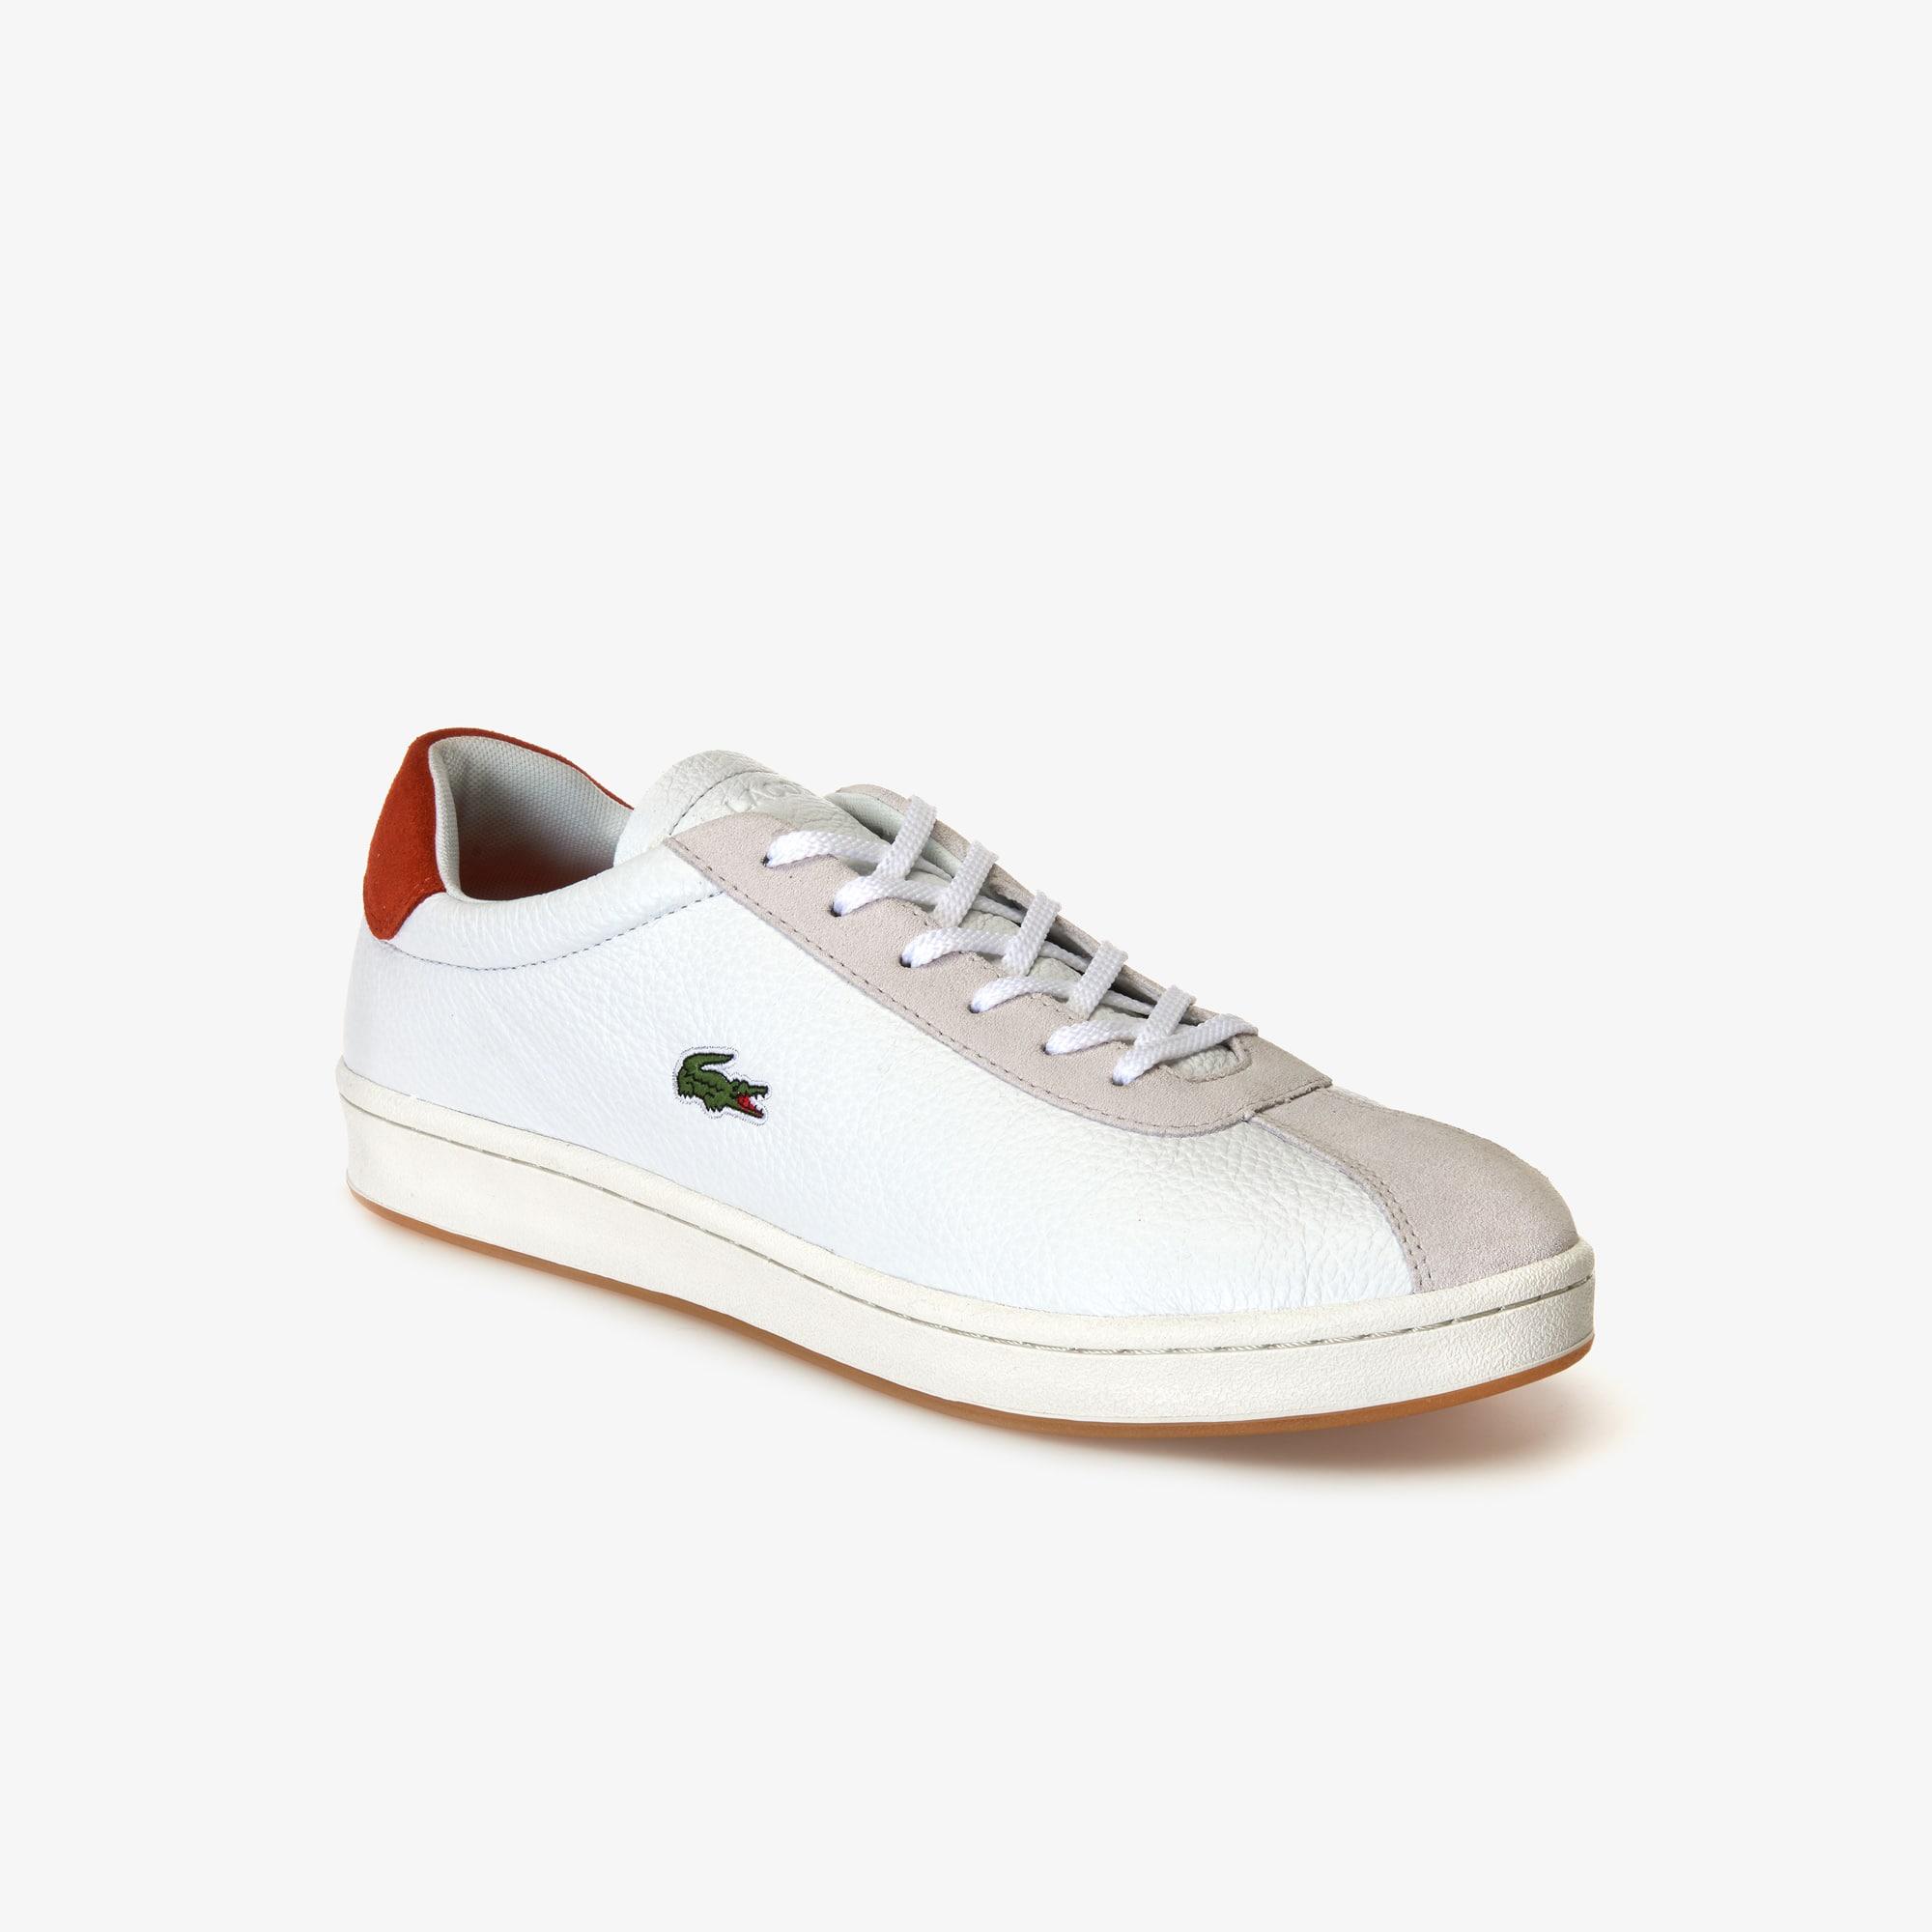 New ArrivalsMen's New ArrivalsMen's Lacoste Shoes R3Scq54AjL